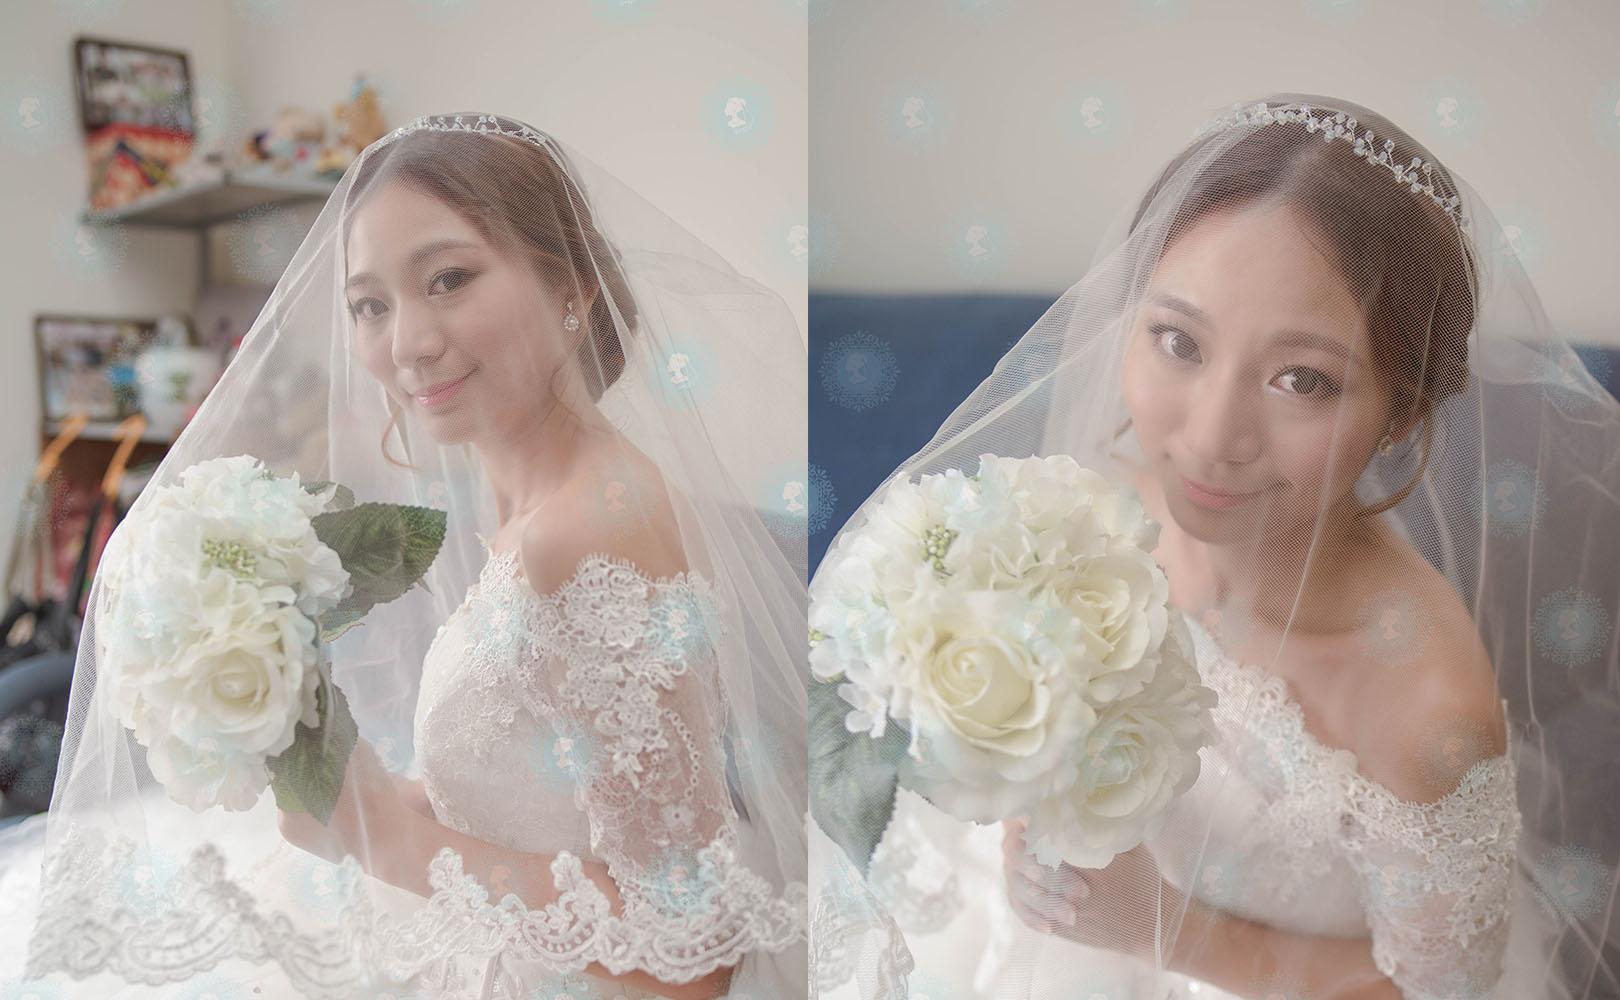 新娘秘書造型師作品-白色夢幻/氣質名媛作品照片圖3